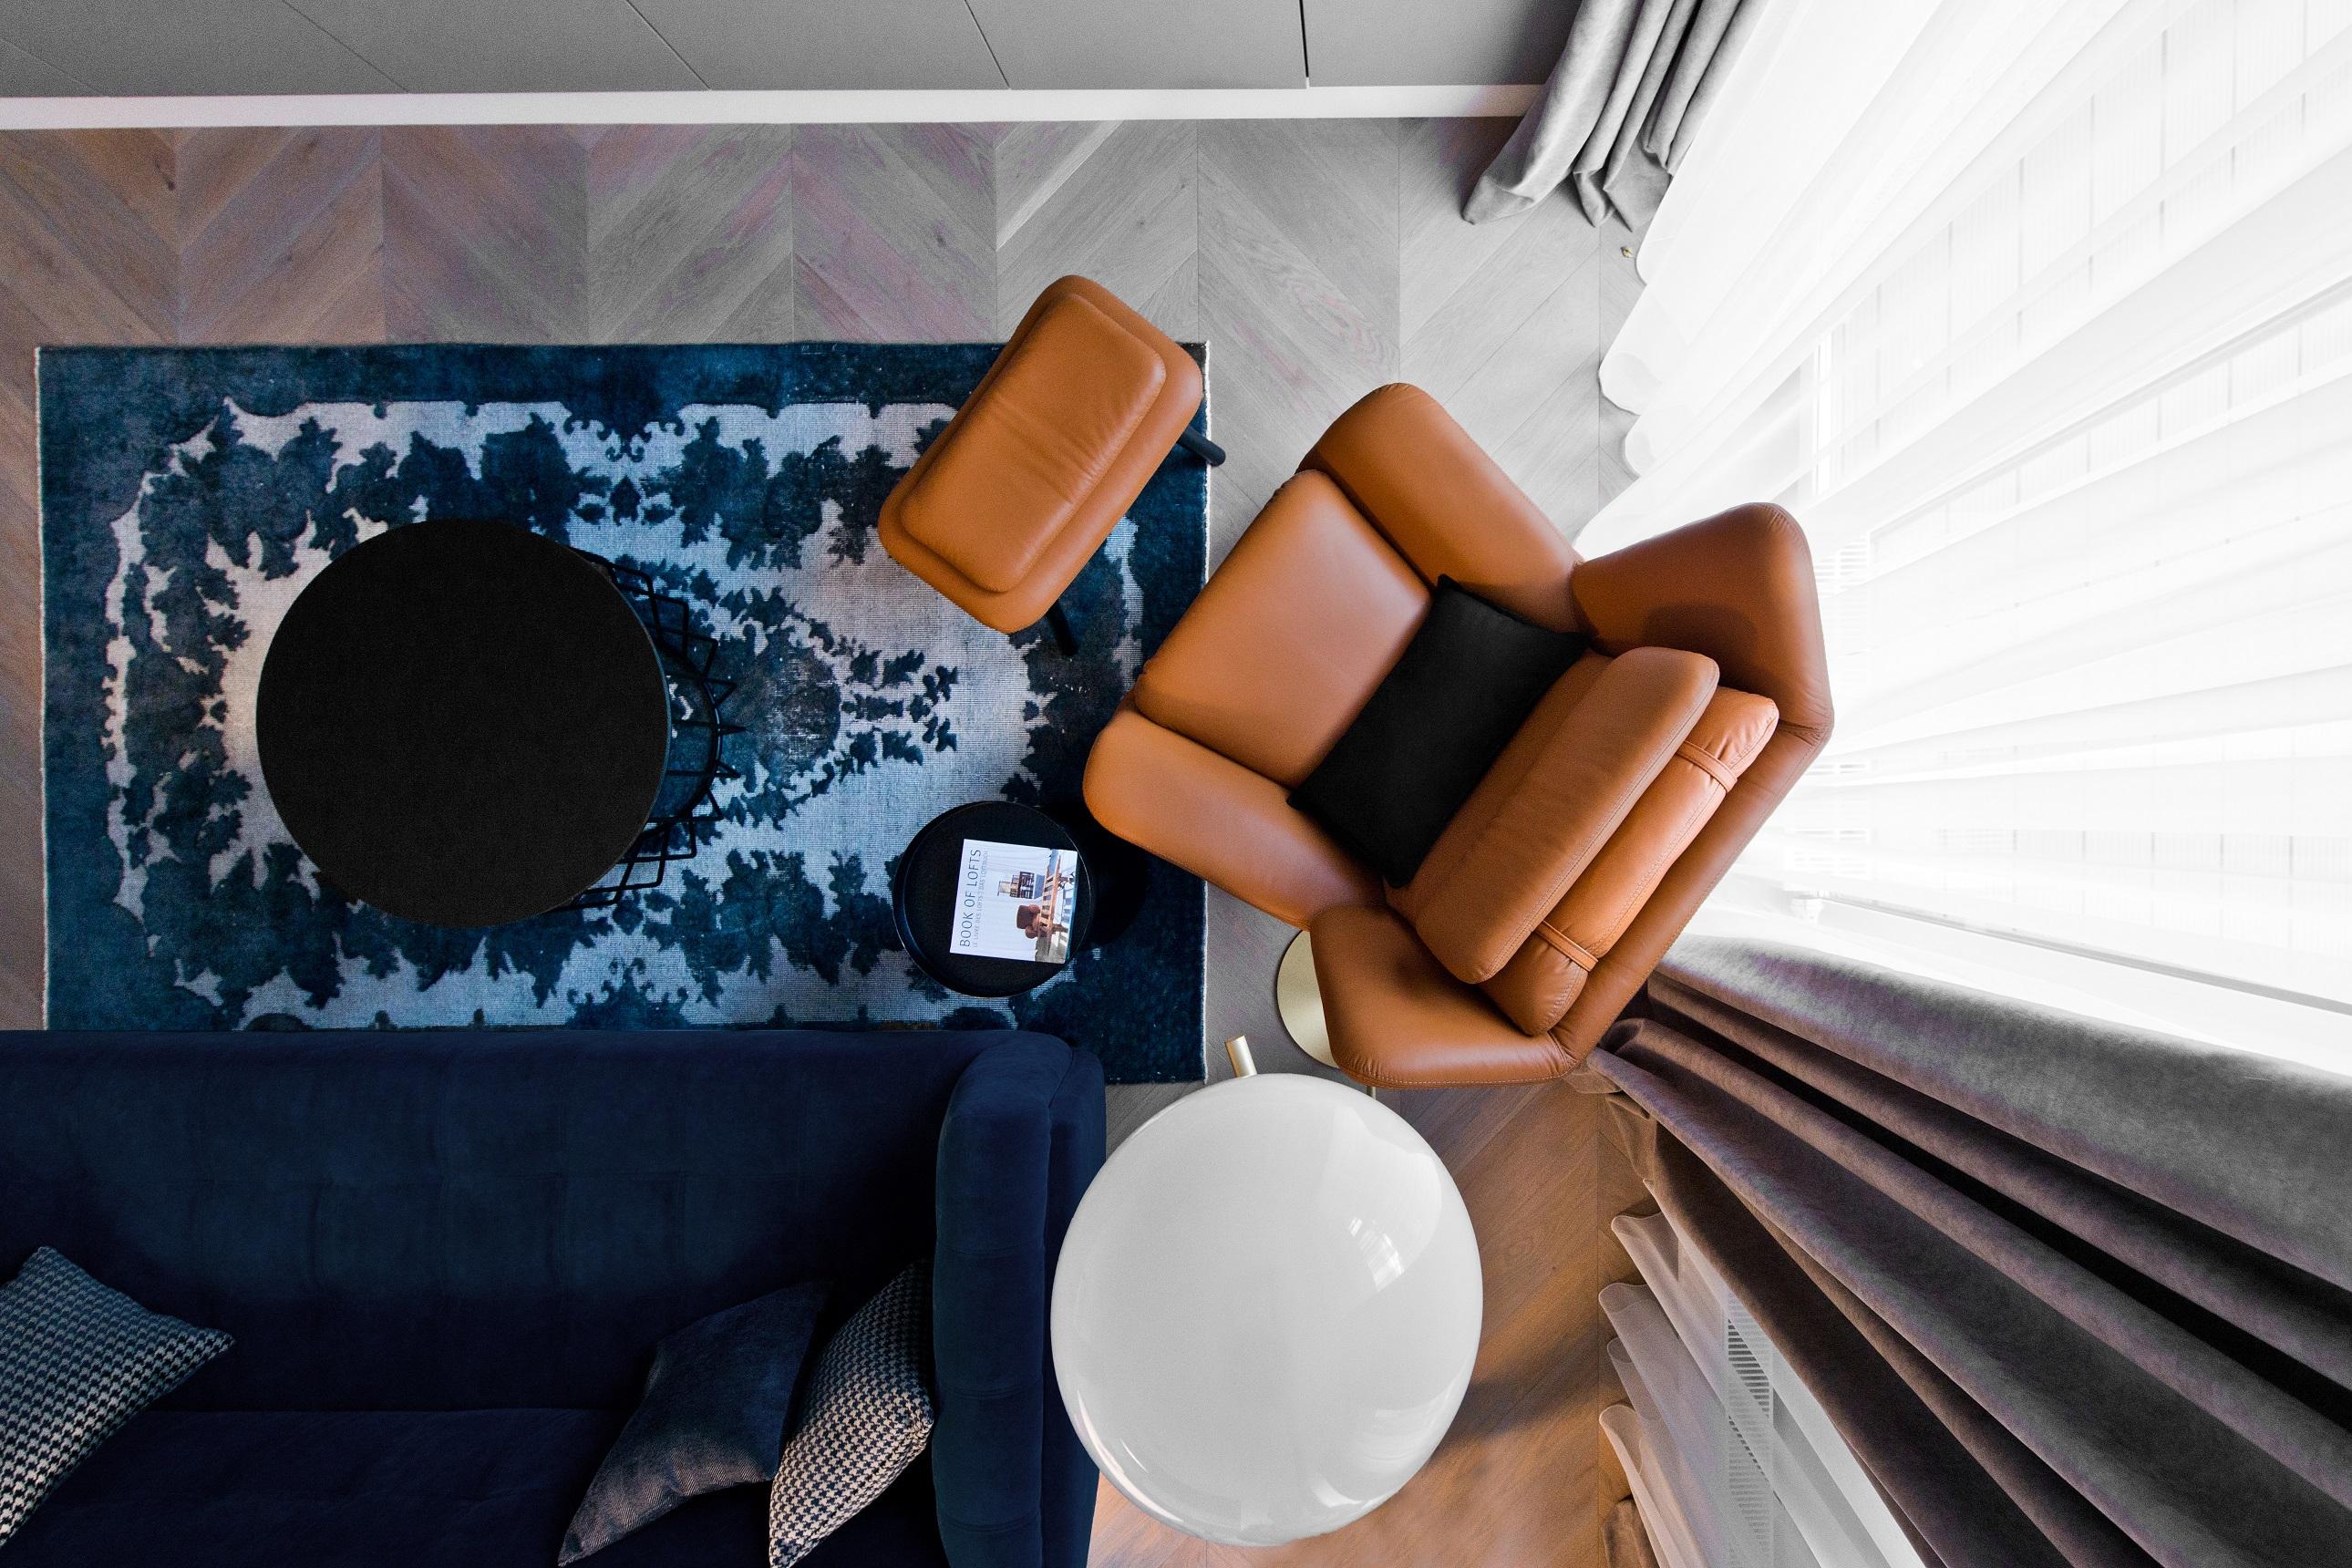 modry-koberec-v-modernom-interiery